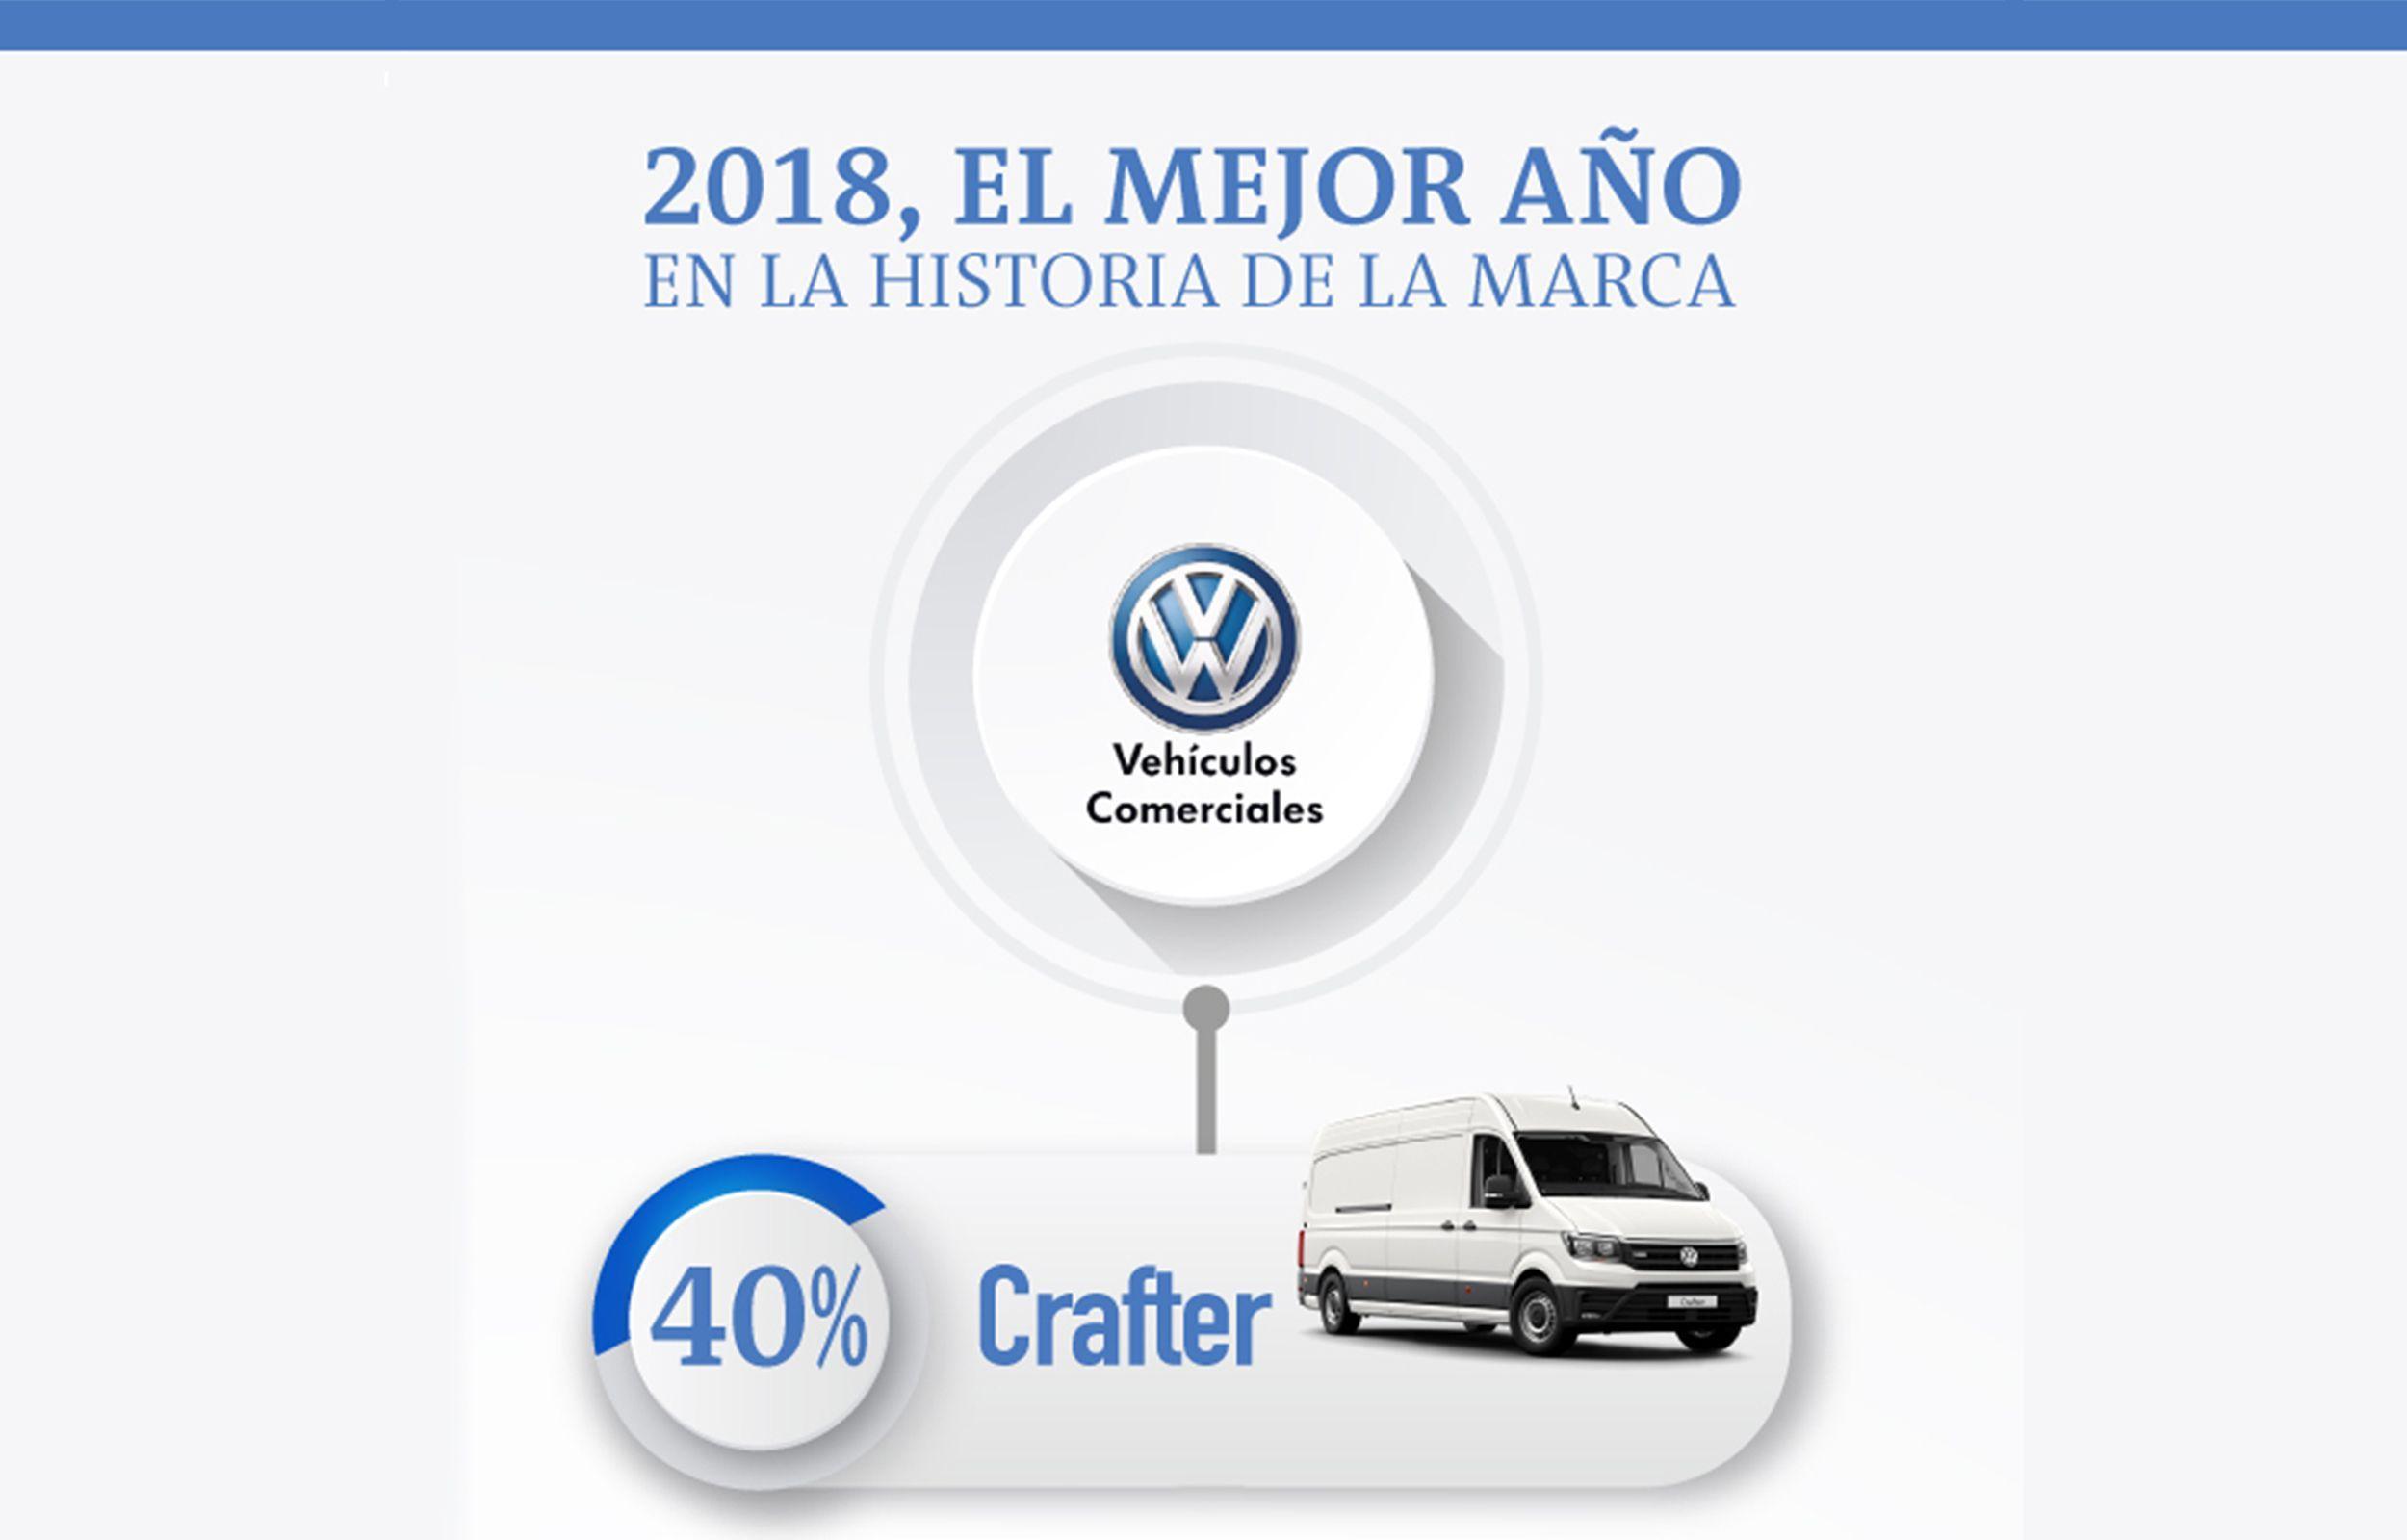 Volkswagen Vehículos Comerciales, el mejor año de su historia